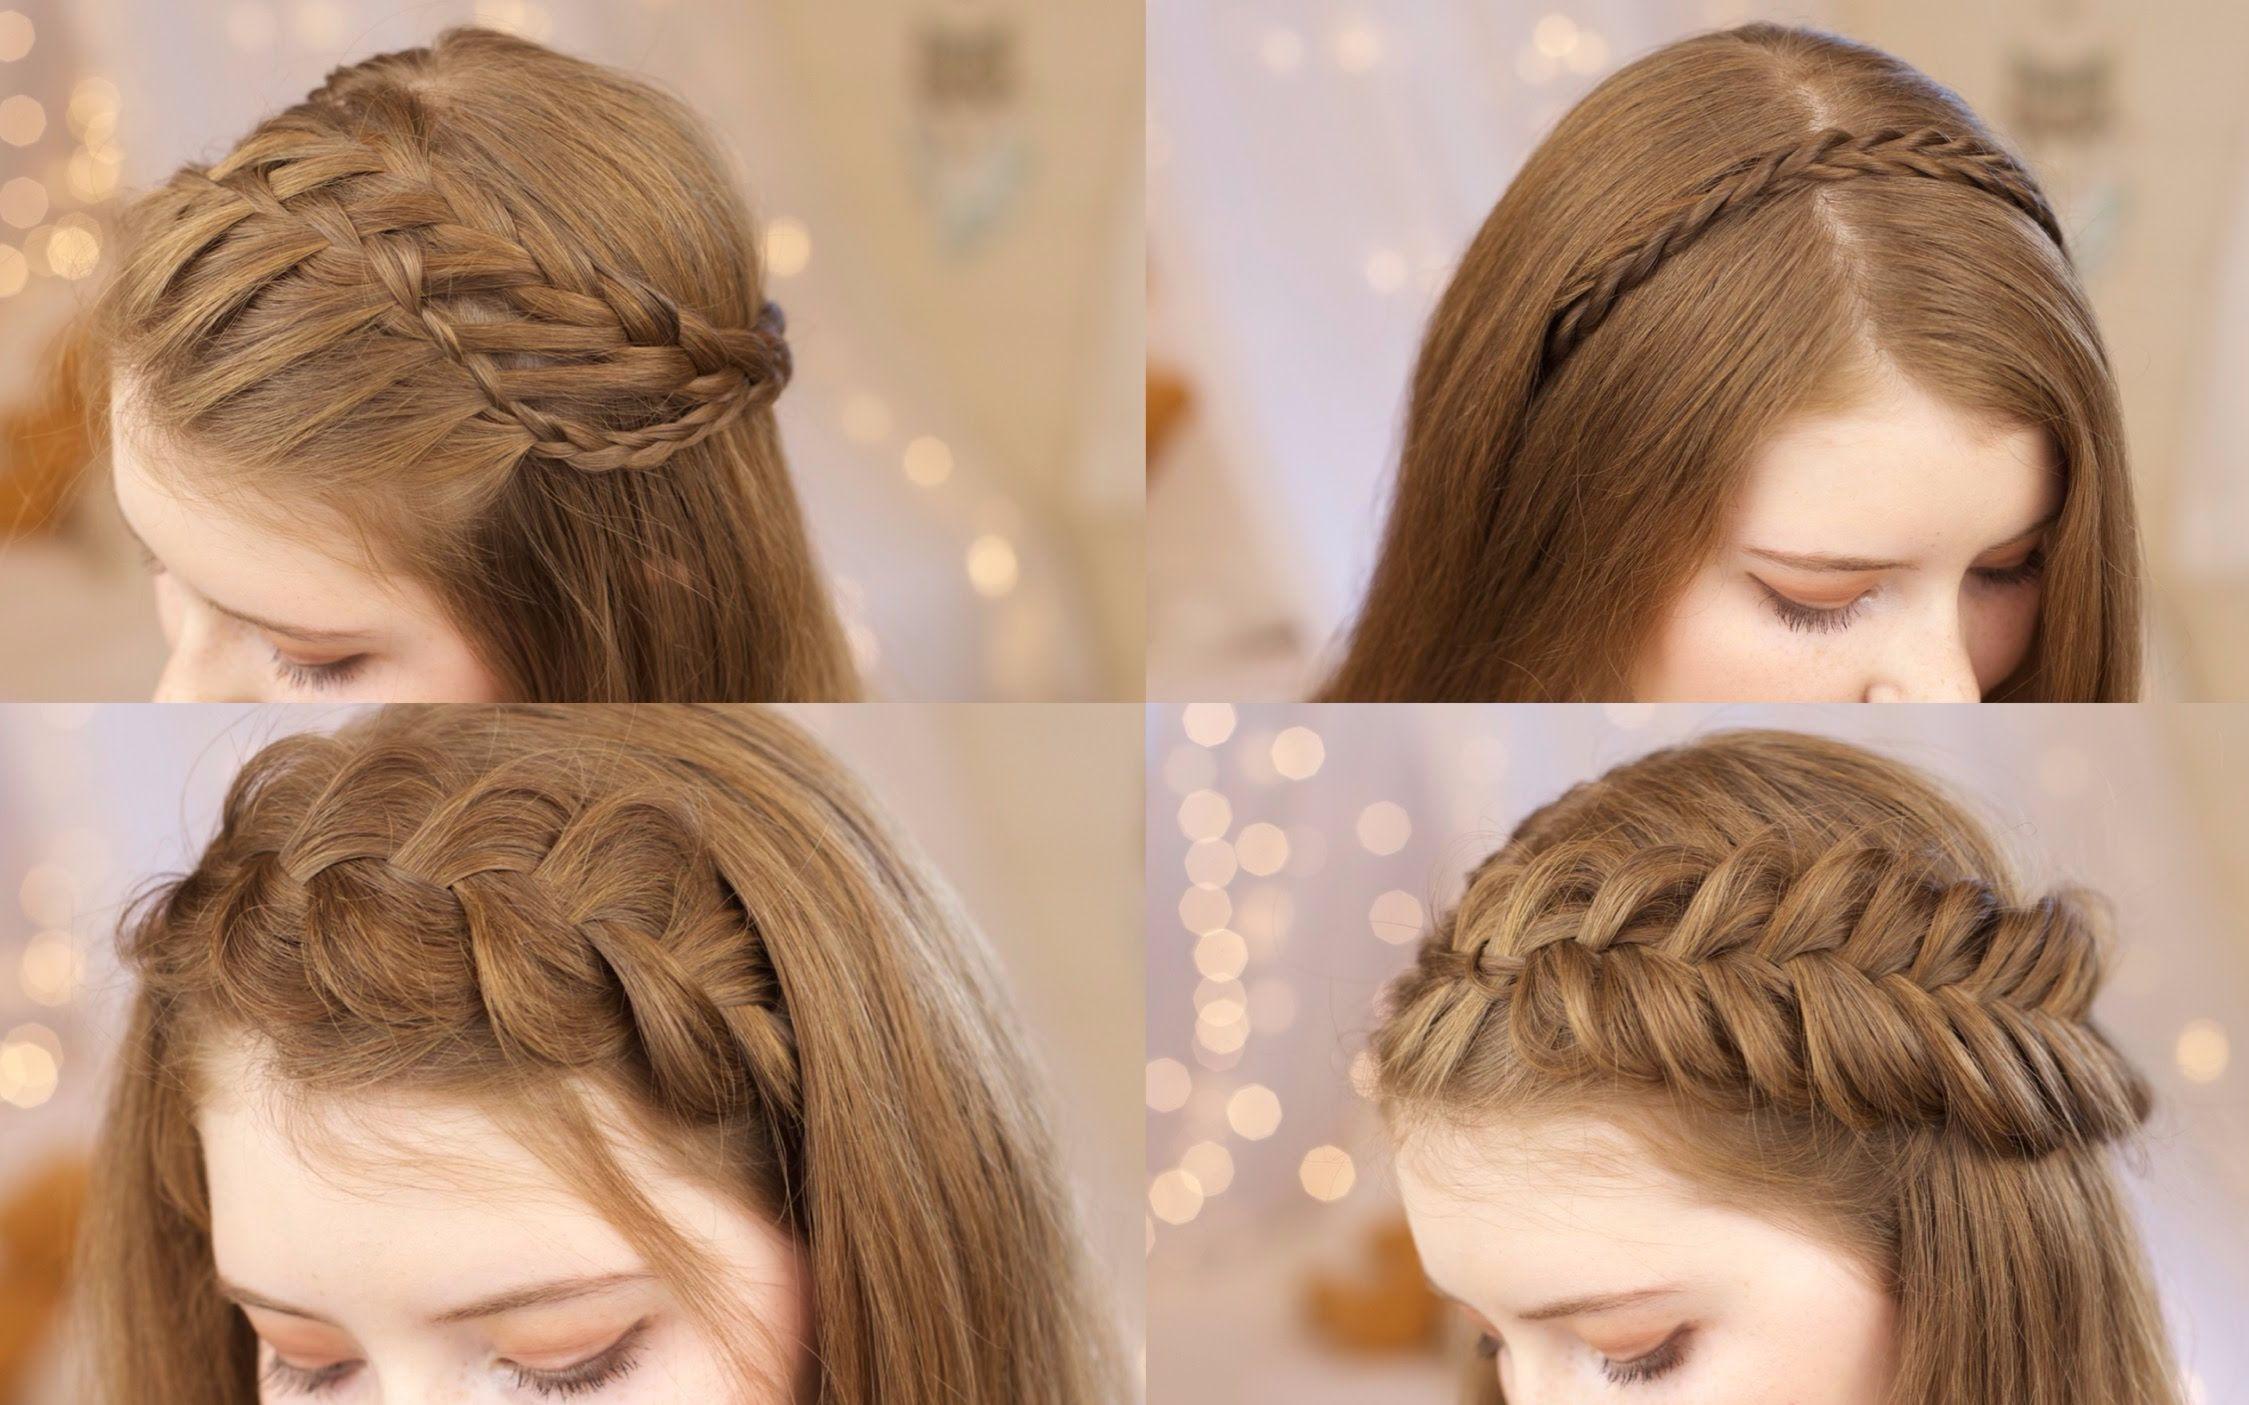 中长发编发-简易发型中长发的编发/教你扎100种头发/中长发编发教程图片